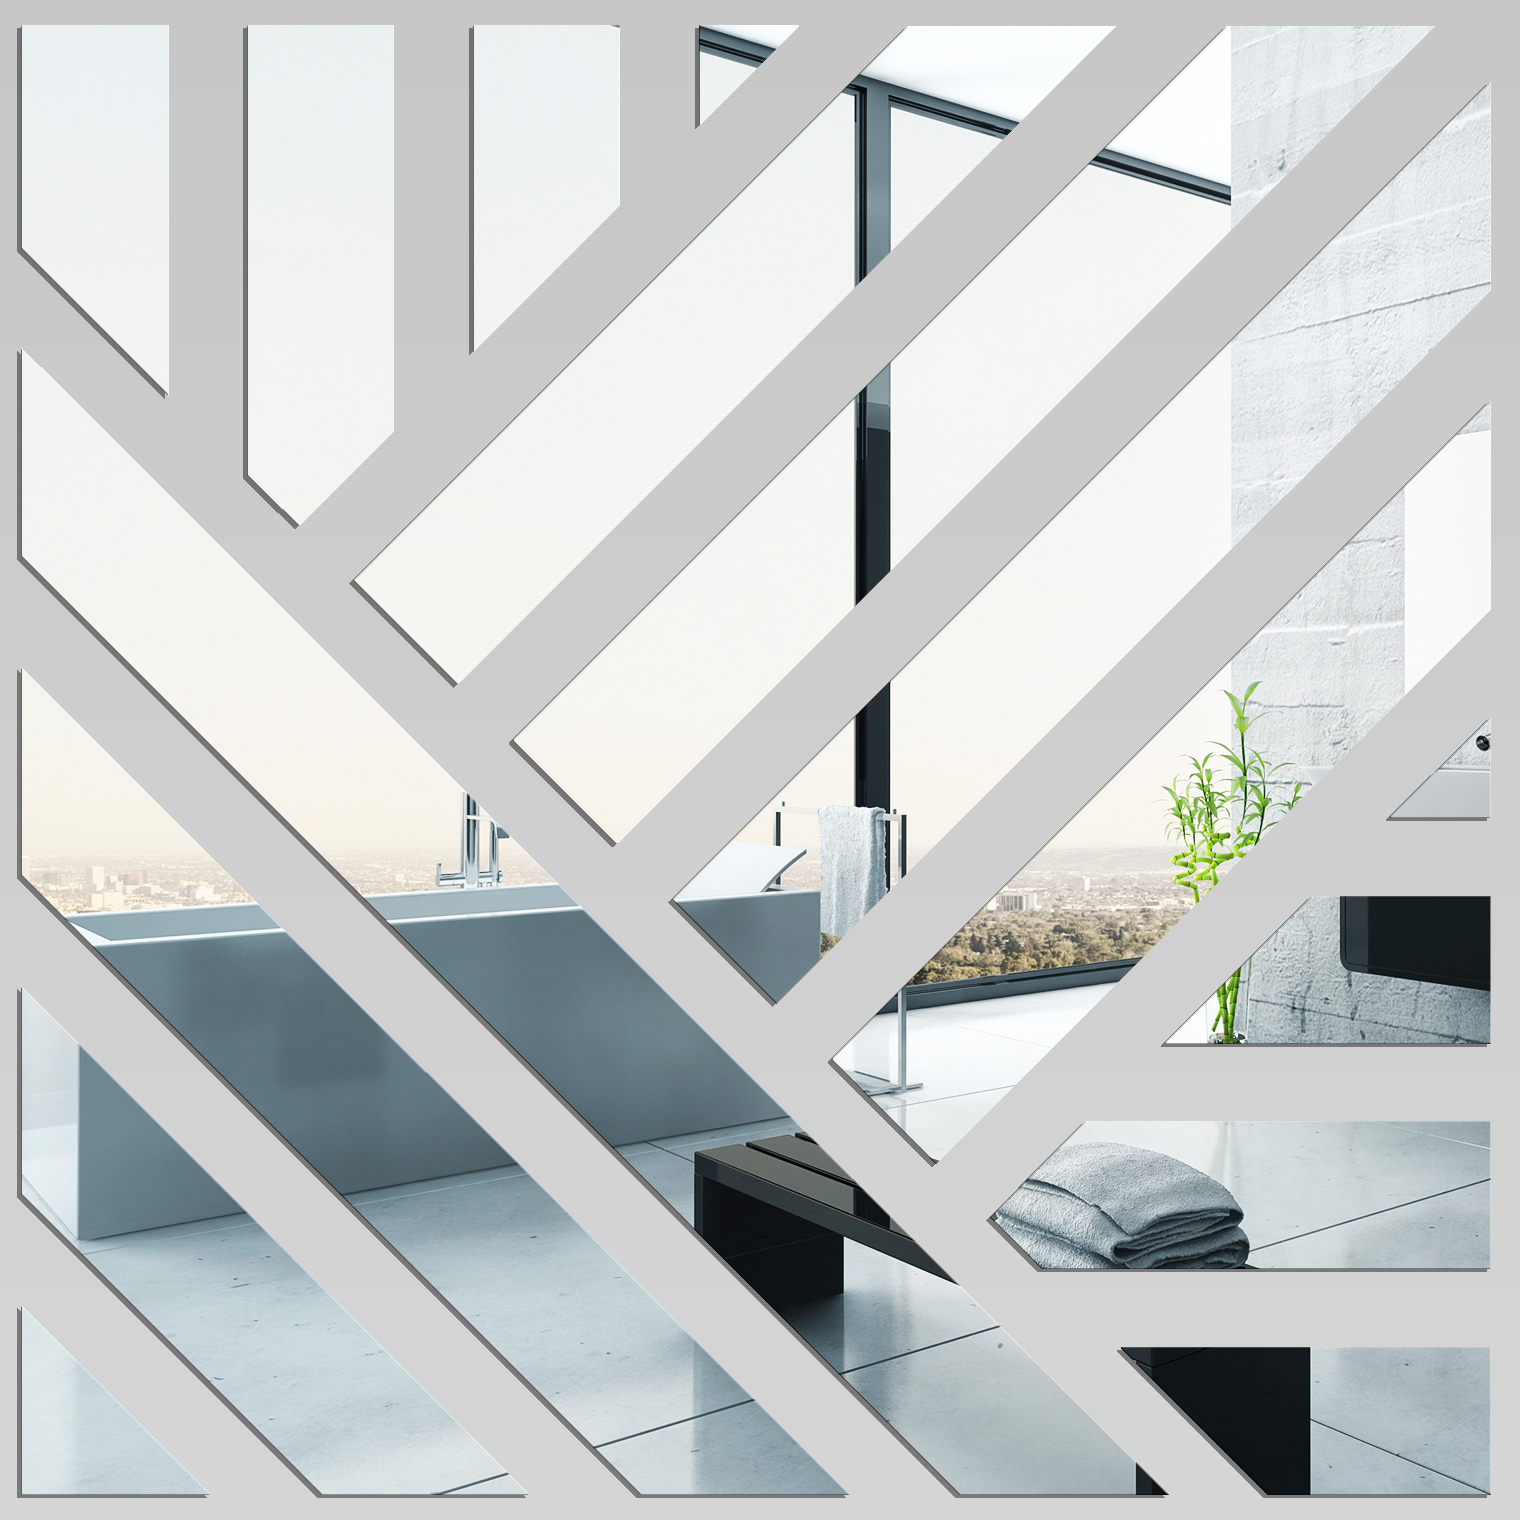 Miroir plexiglass acrylique carr pas cher for Miroir carre pas cher